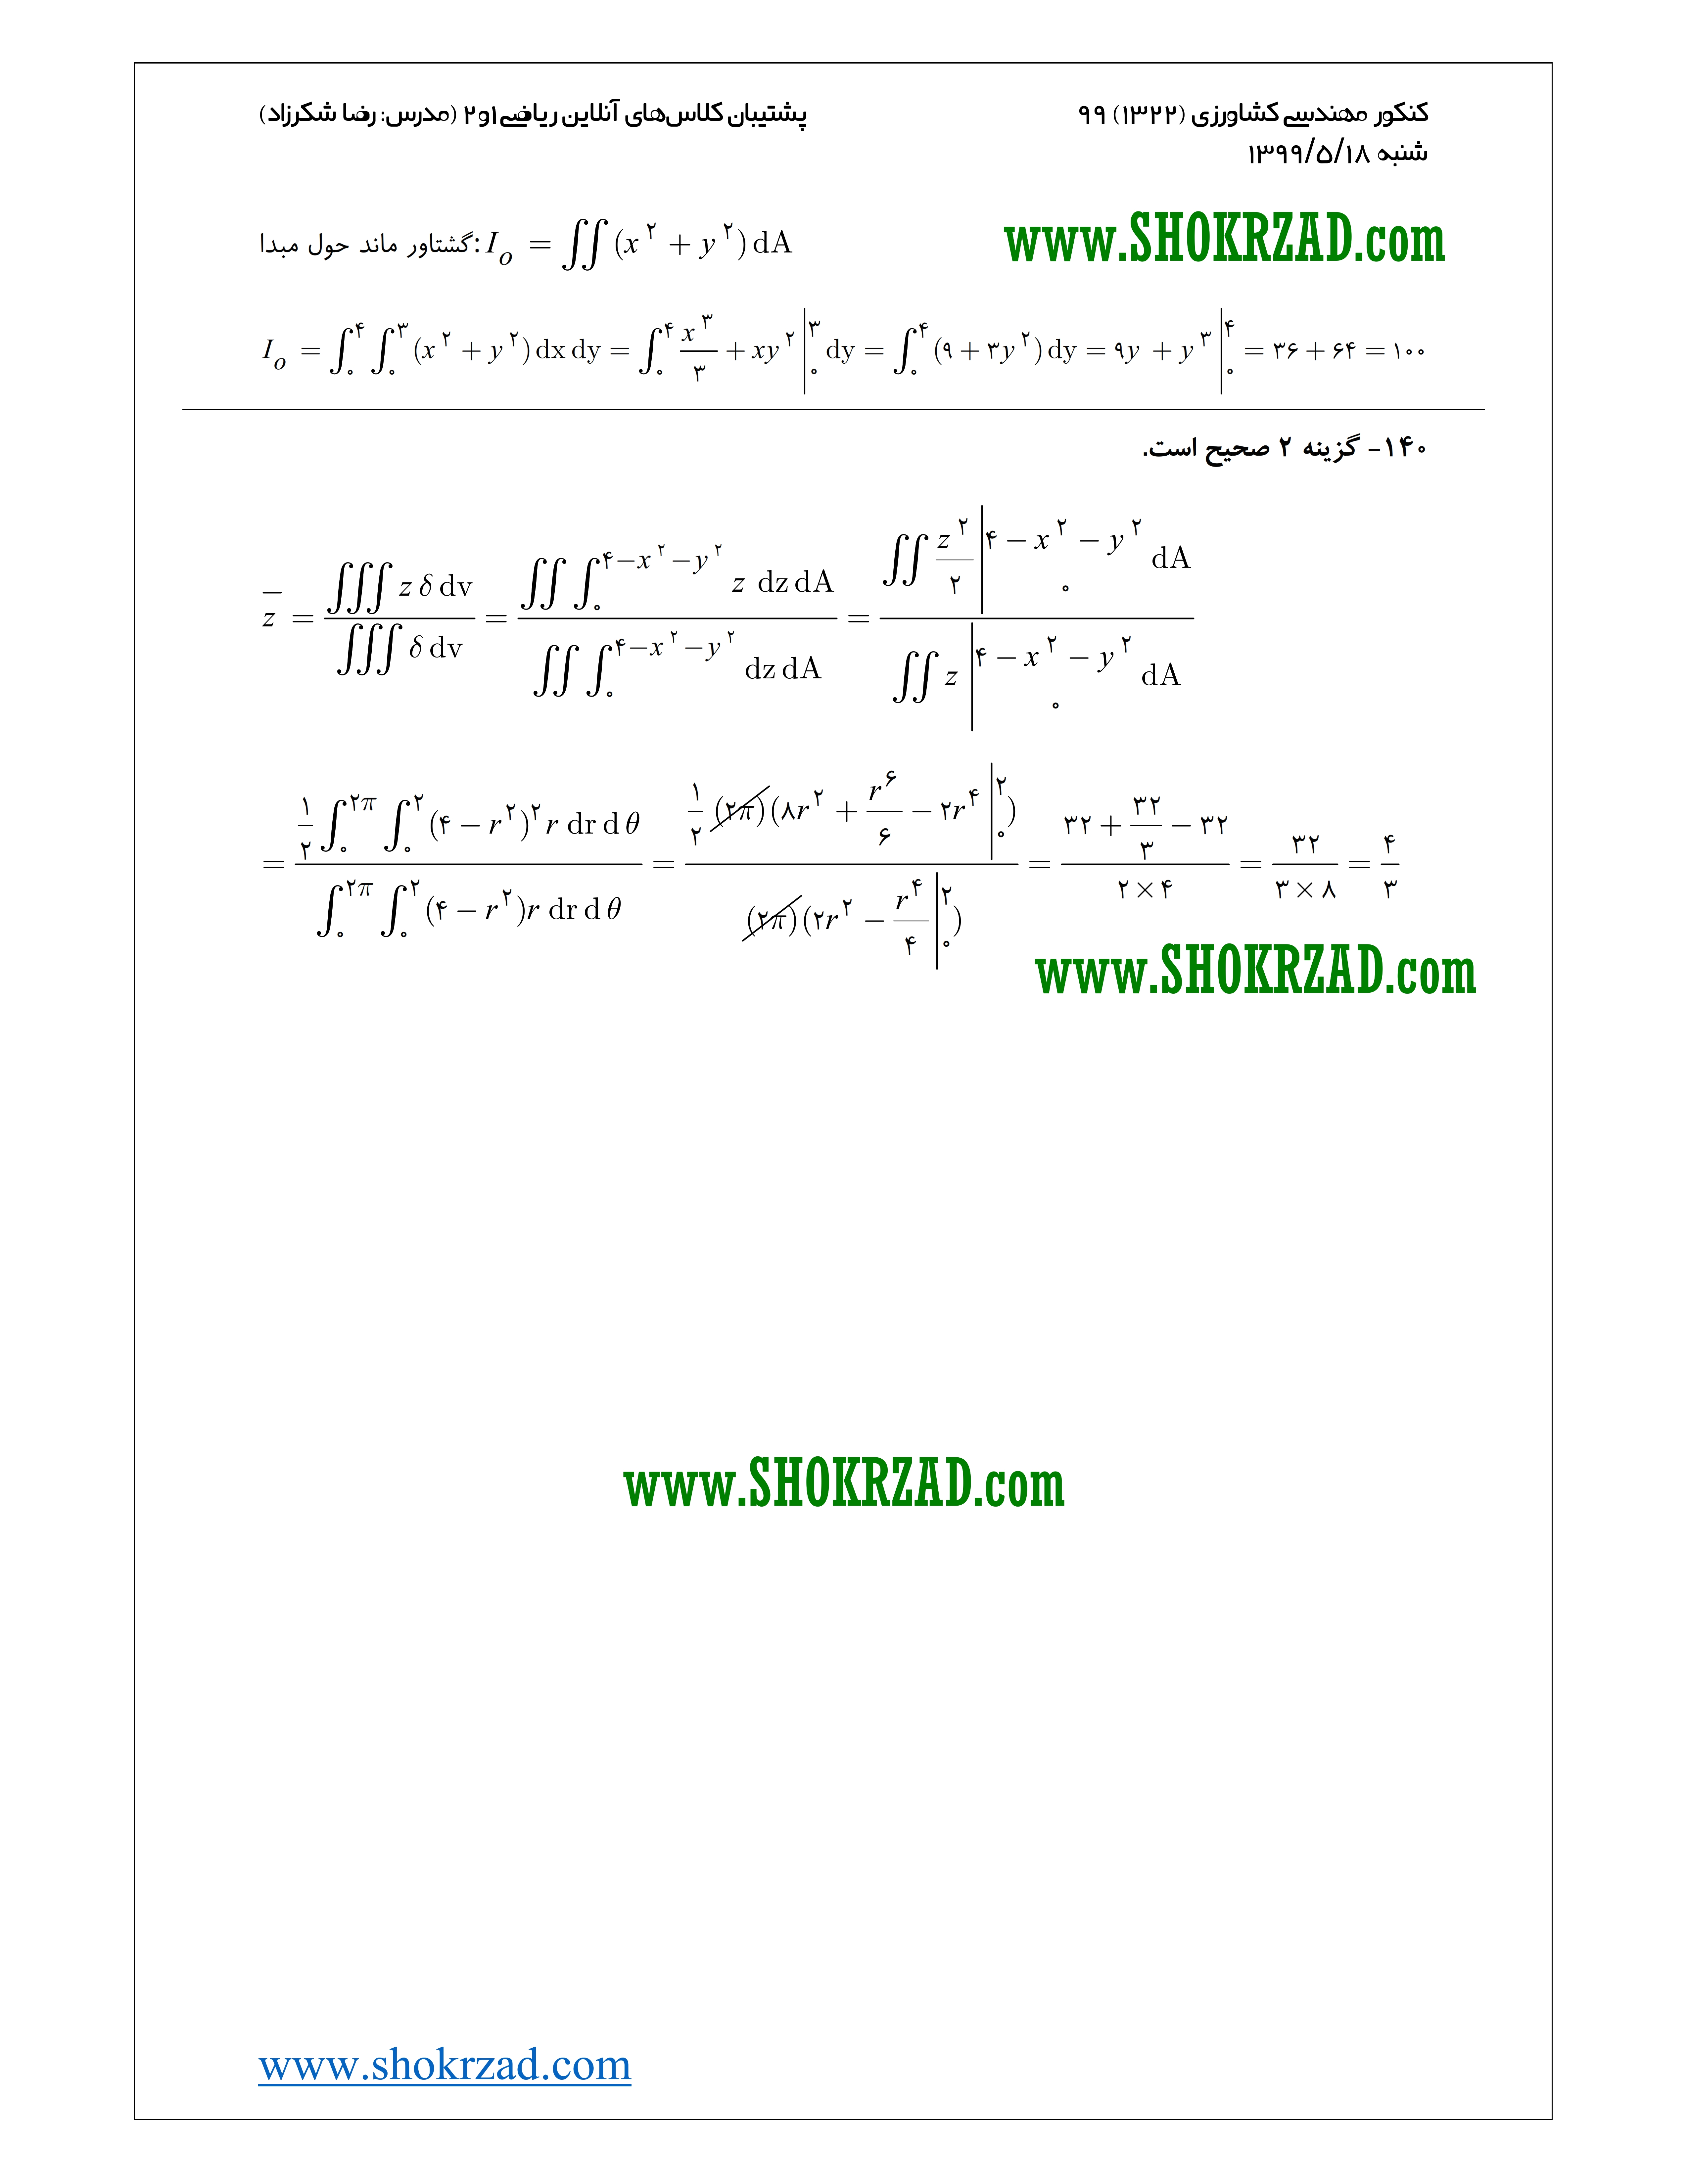 پاسخ تشریحی ریاضی ارشد مهندسی کشاورزی 99